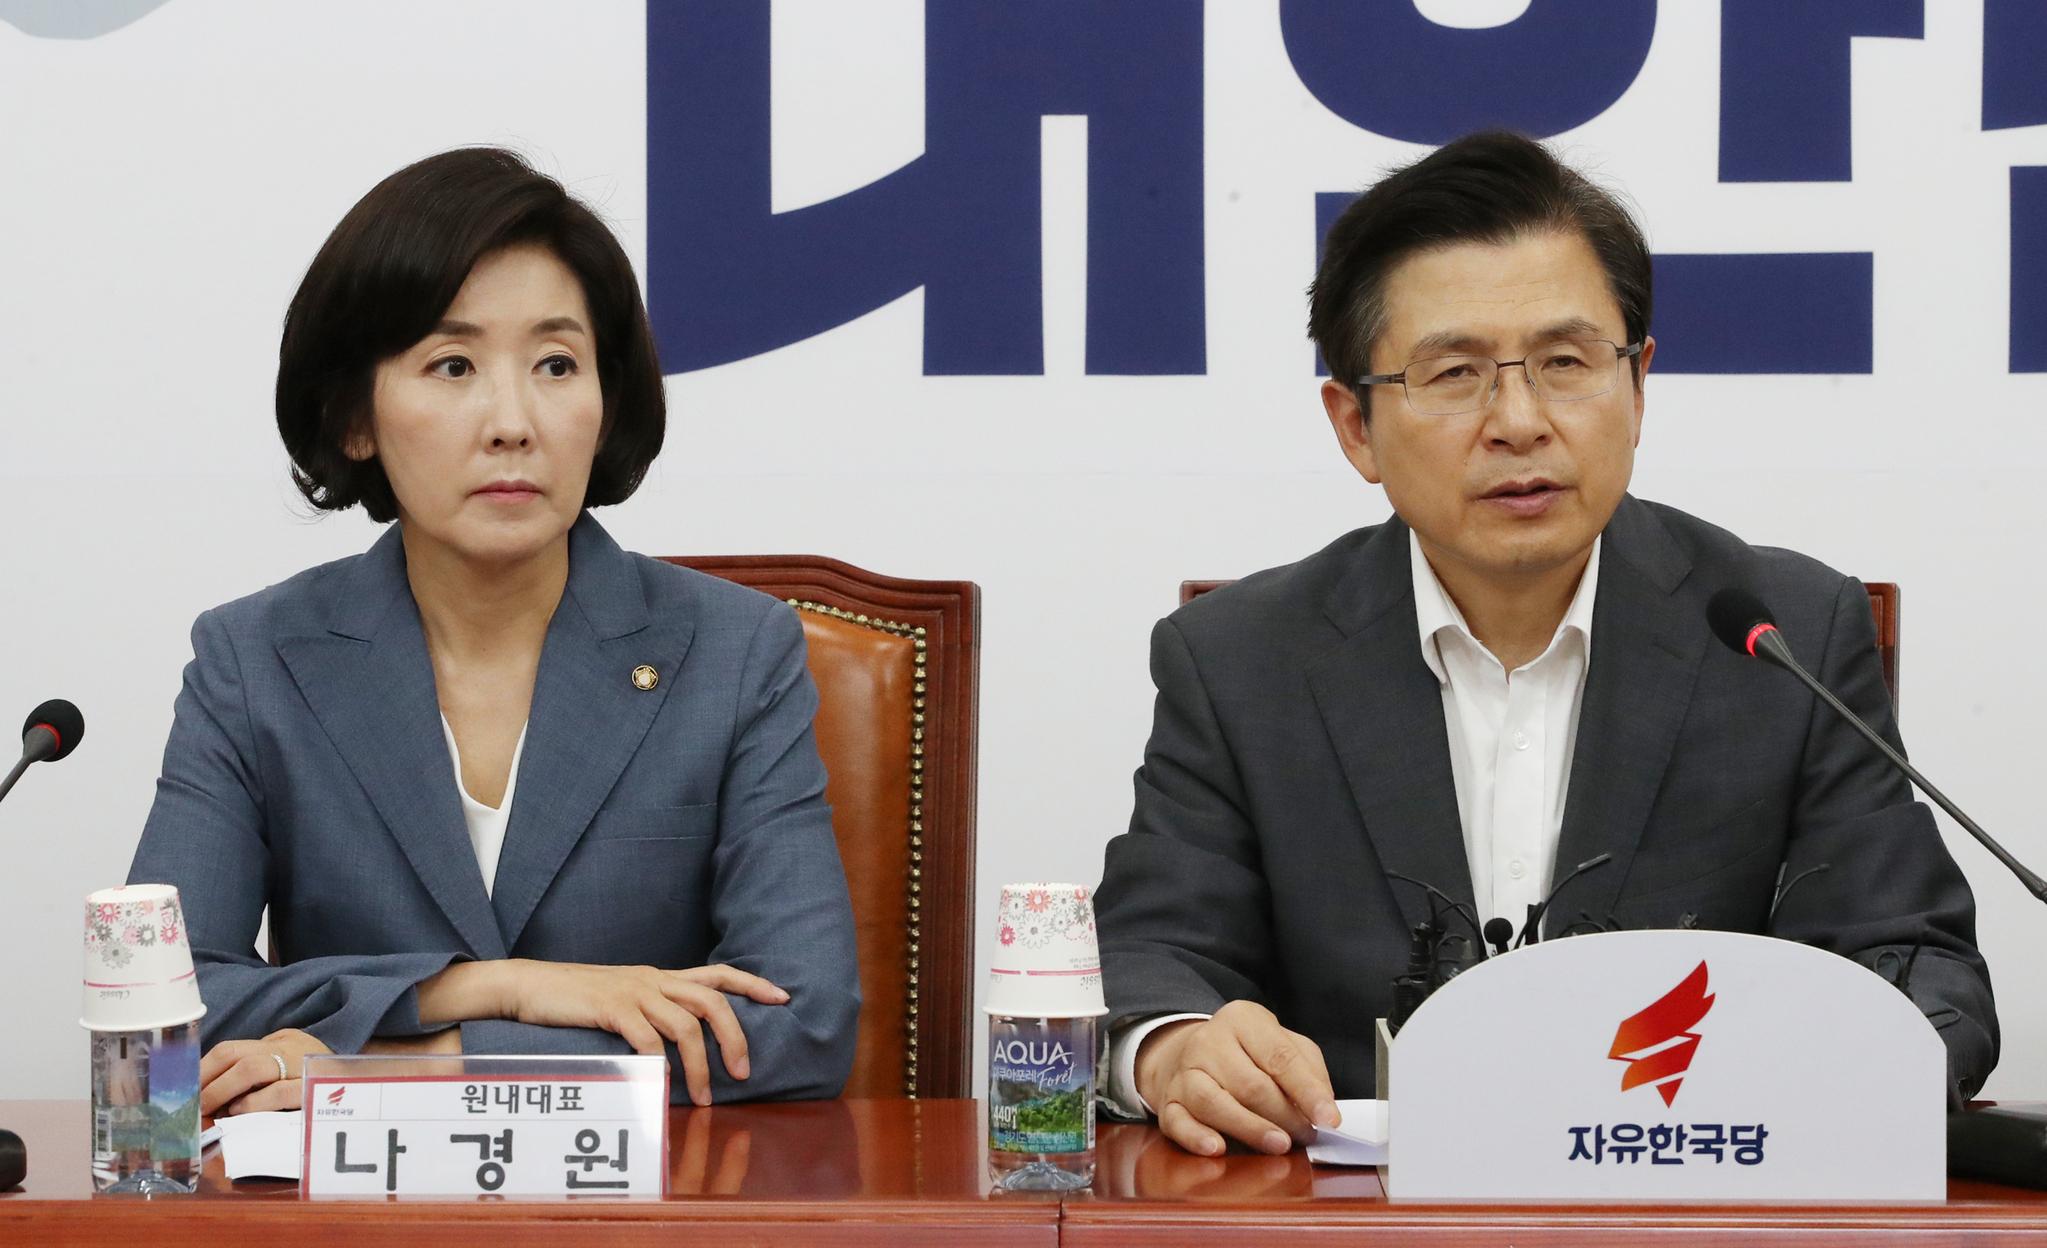 자유한국당 황교안 대표가 2일 국회에서 열린 일본수출규제대책특위 긴급회의에서 발언하고 있다. [연합뉴스]